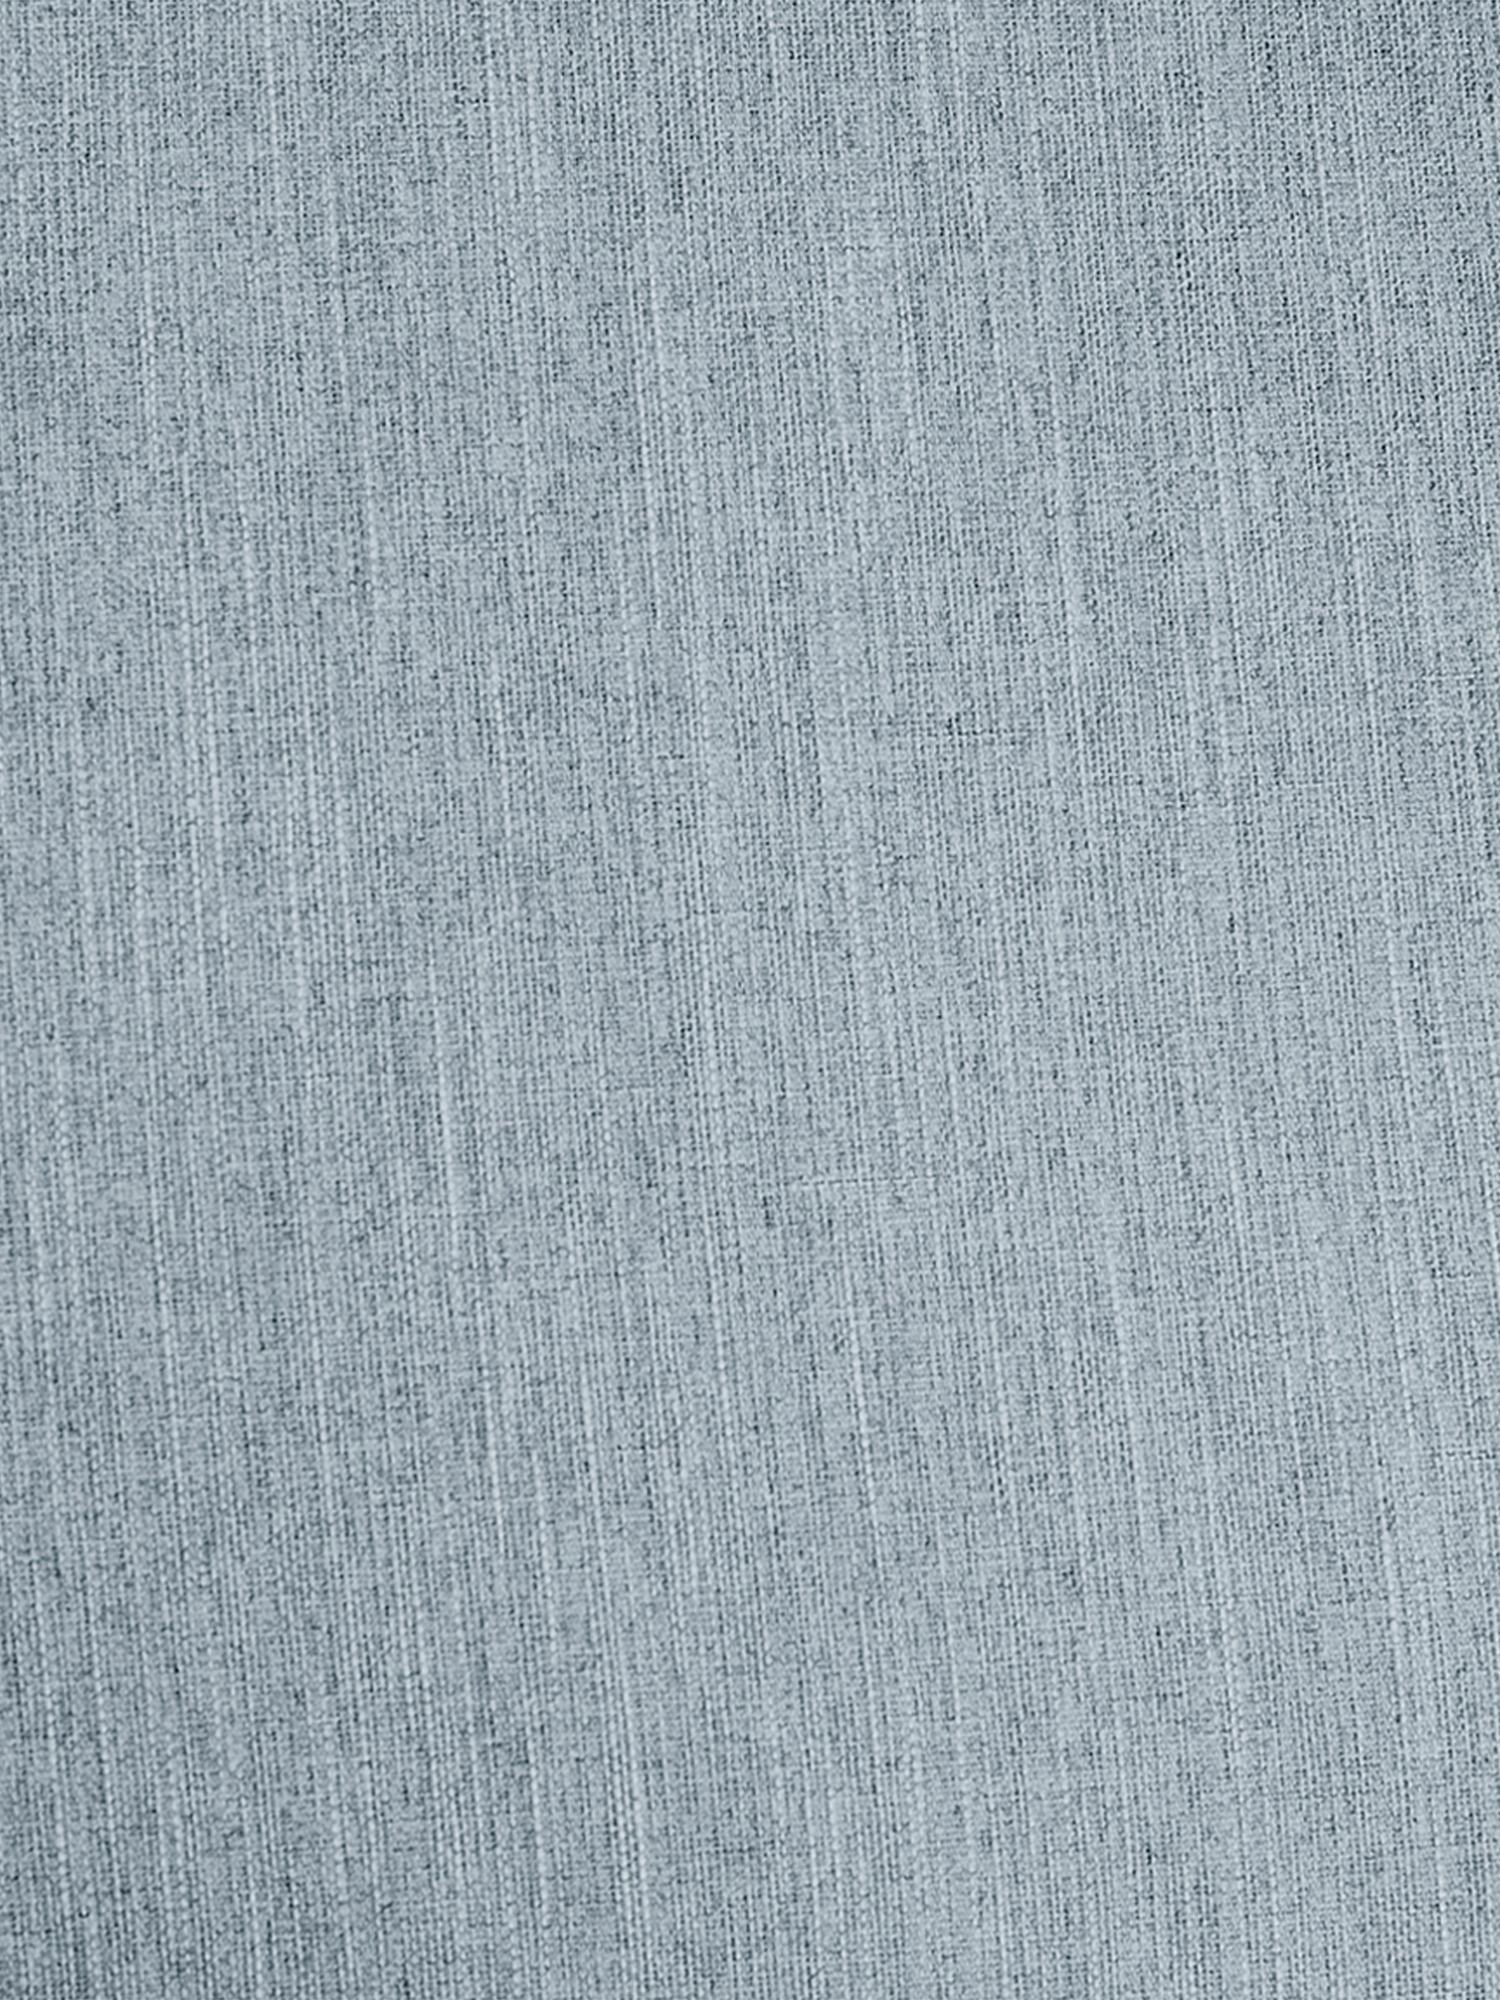 Divano angolare 3 posti in tessuto blu grigio Melva, Rivestimento: poliestere 35.000 cicli d, Struttura: legno di pino massiccio, , Piedini: legno di pino, Tessuto blu grigio, Larg. 240 x Prof. 144 cm